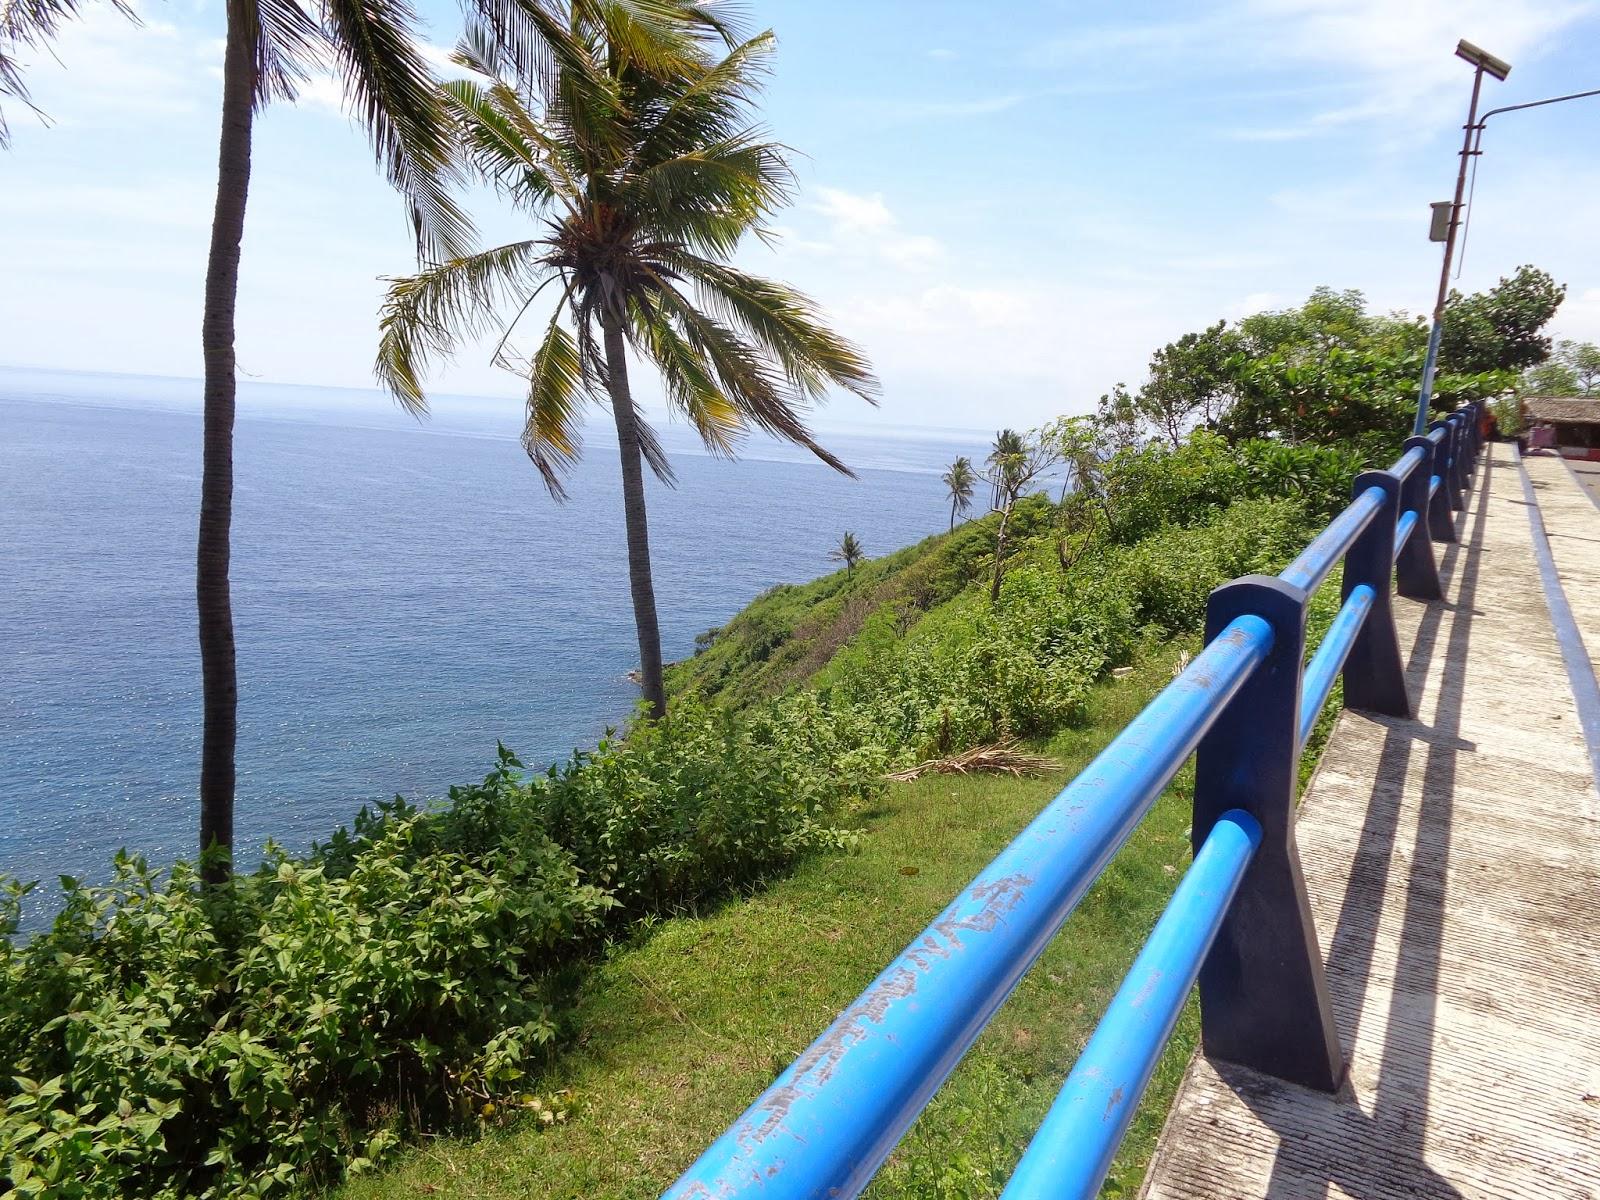 Wisata Pulau Lombok Malimbu Pantai Sebuah Objek Tepatnya Desa Malaka